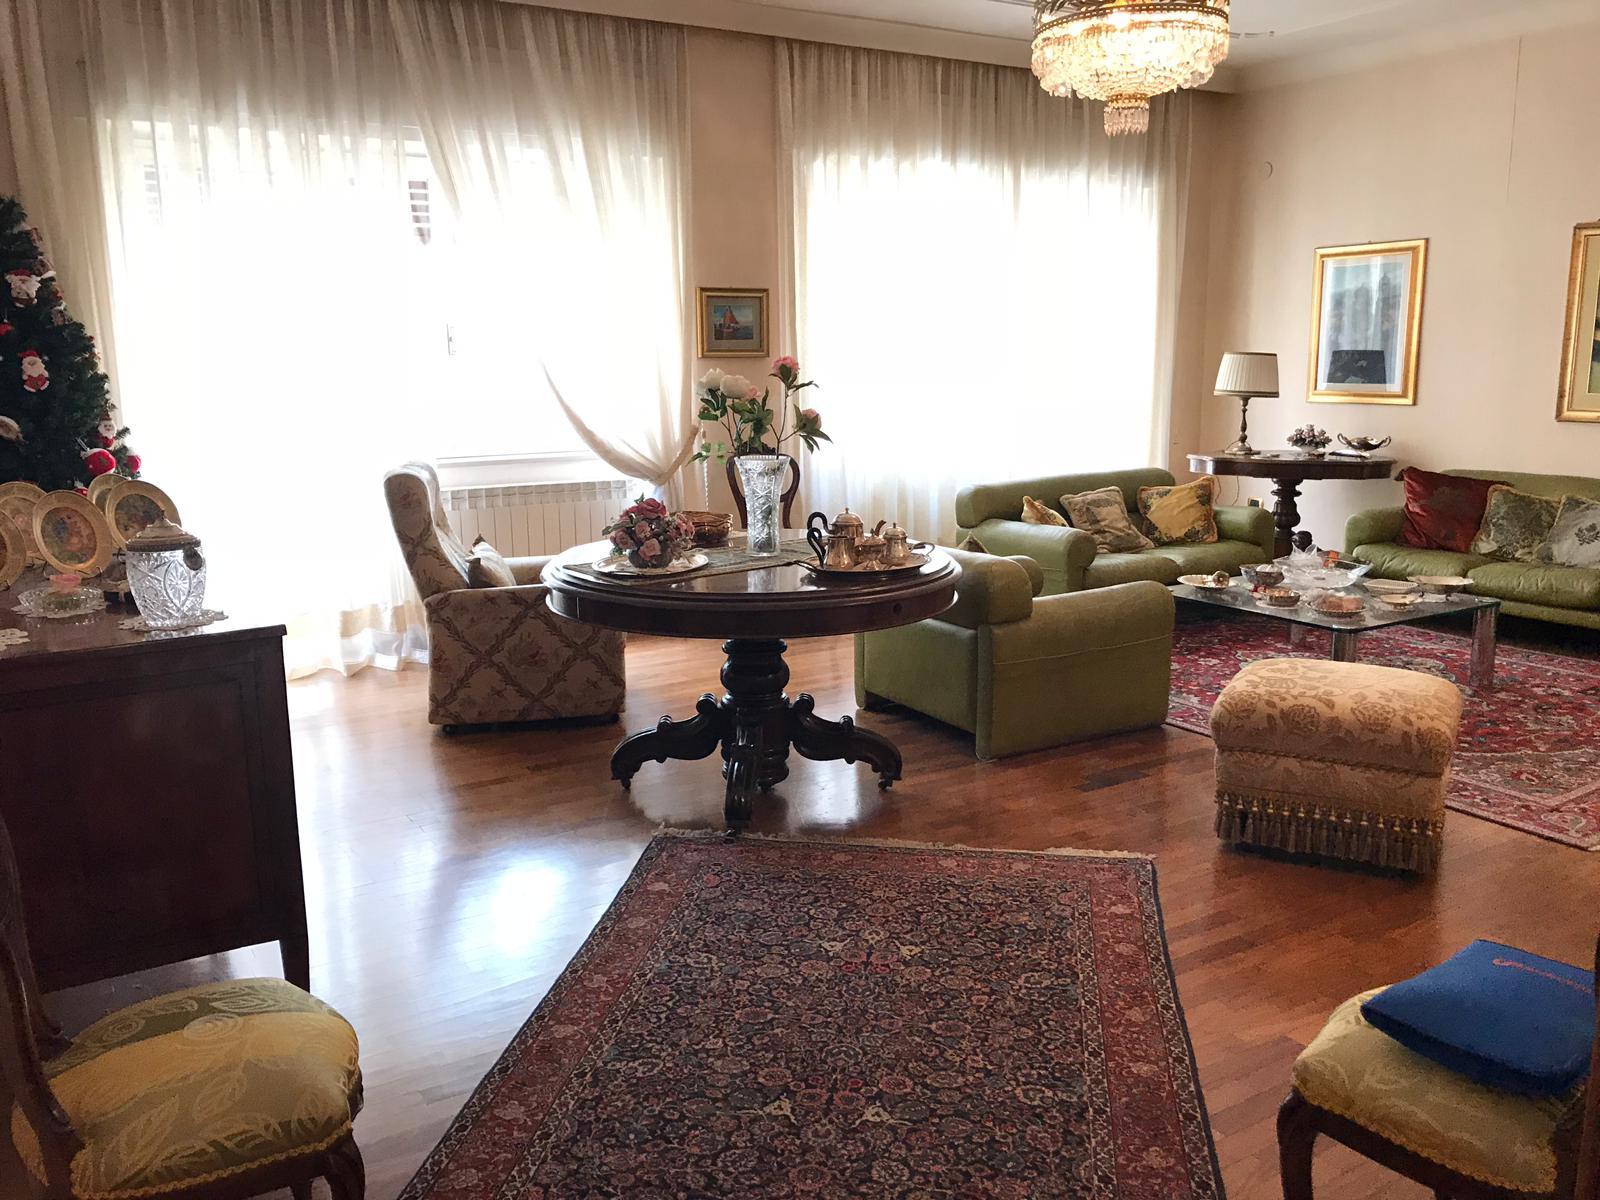 Appartamento in affitto a Benevento, 3 locali, zona Località: CENTROSTORICO, prezzo € 600 | CambioCasa.it